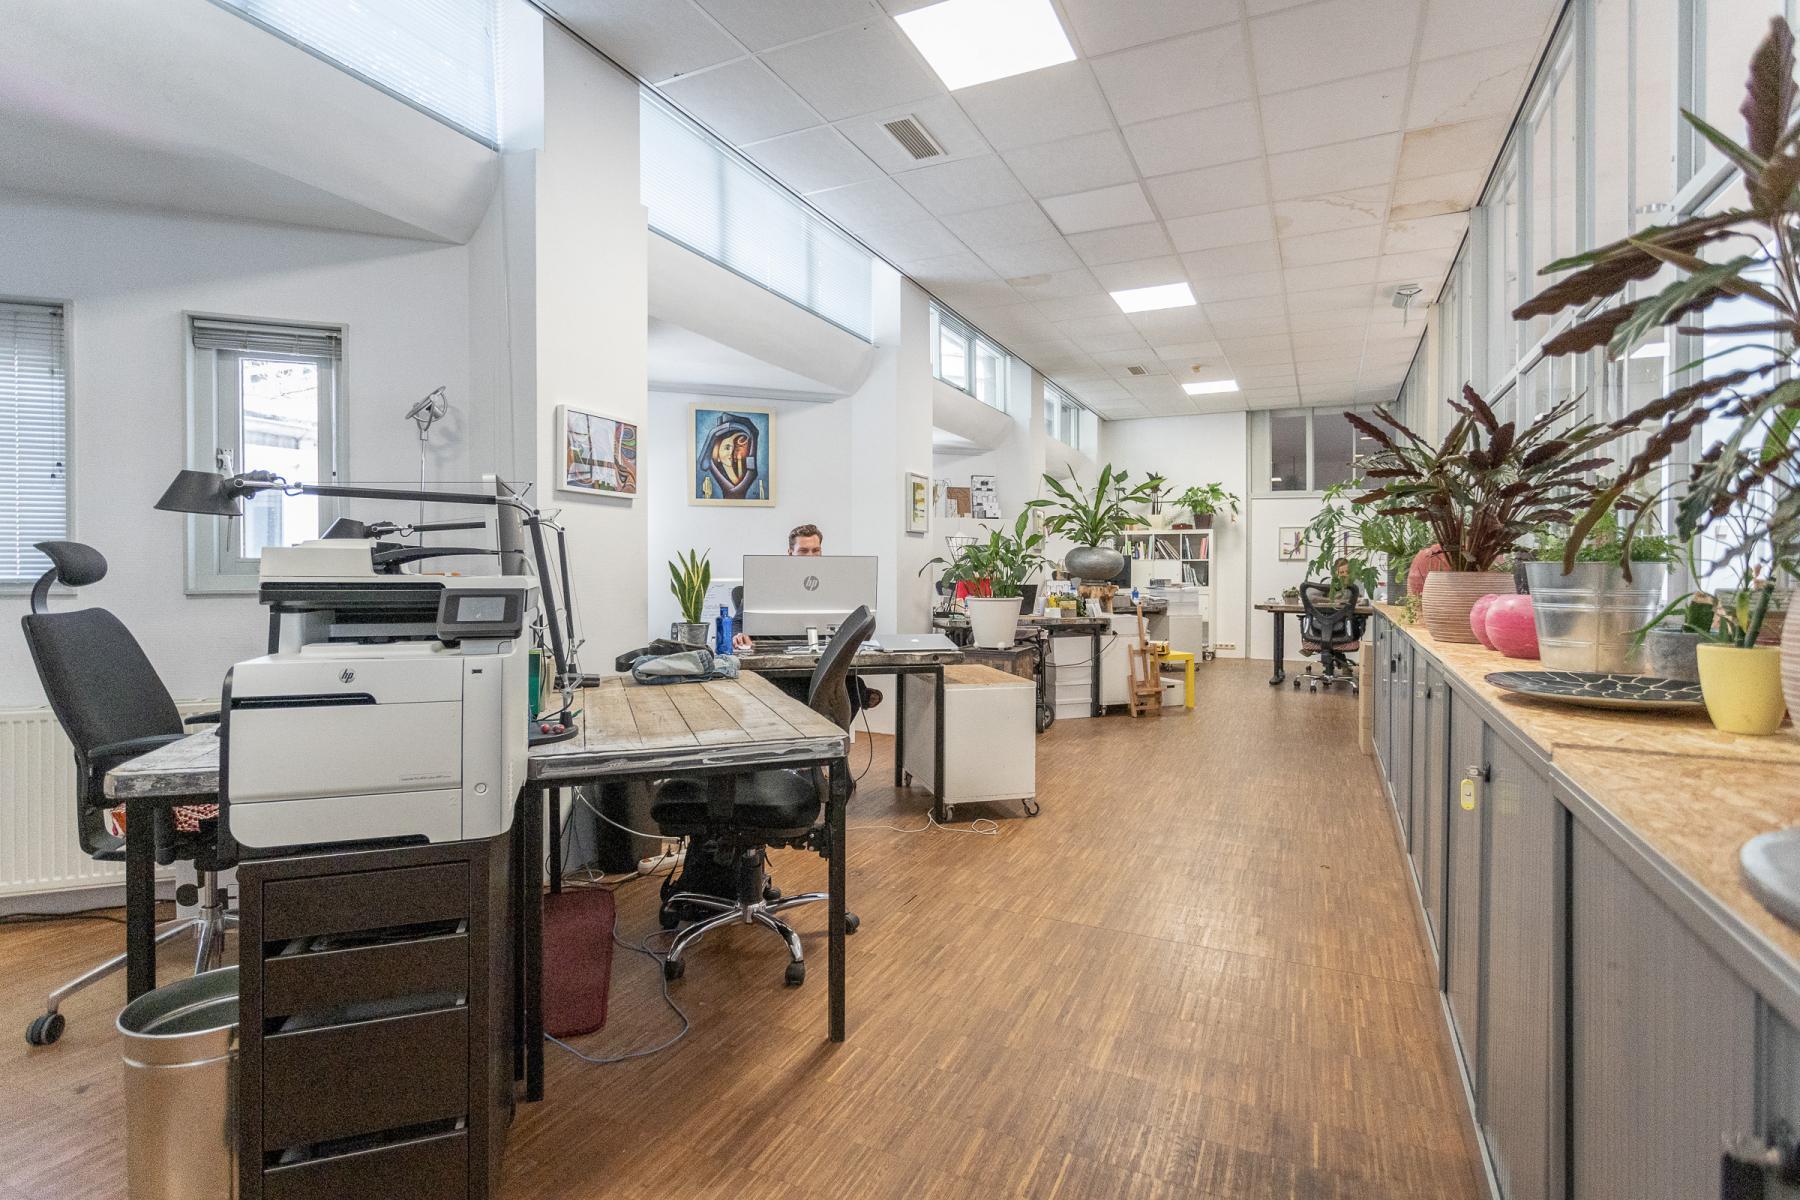 Rent office space Oudeschans 21, Amsterdam (27)